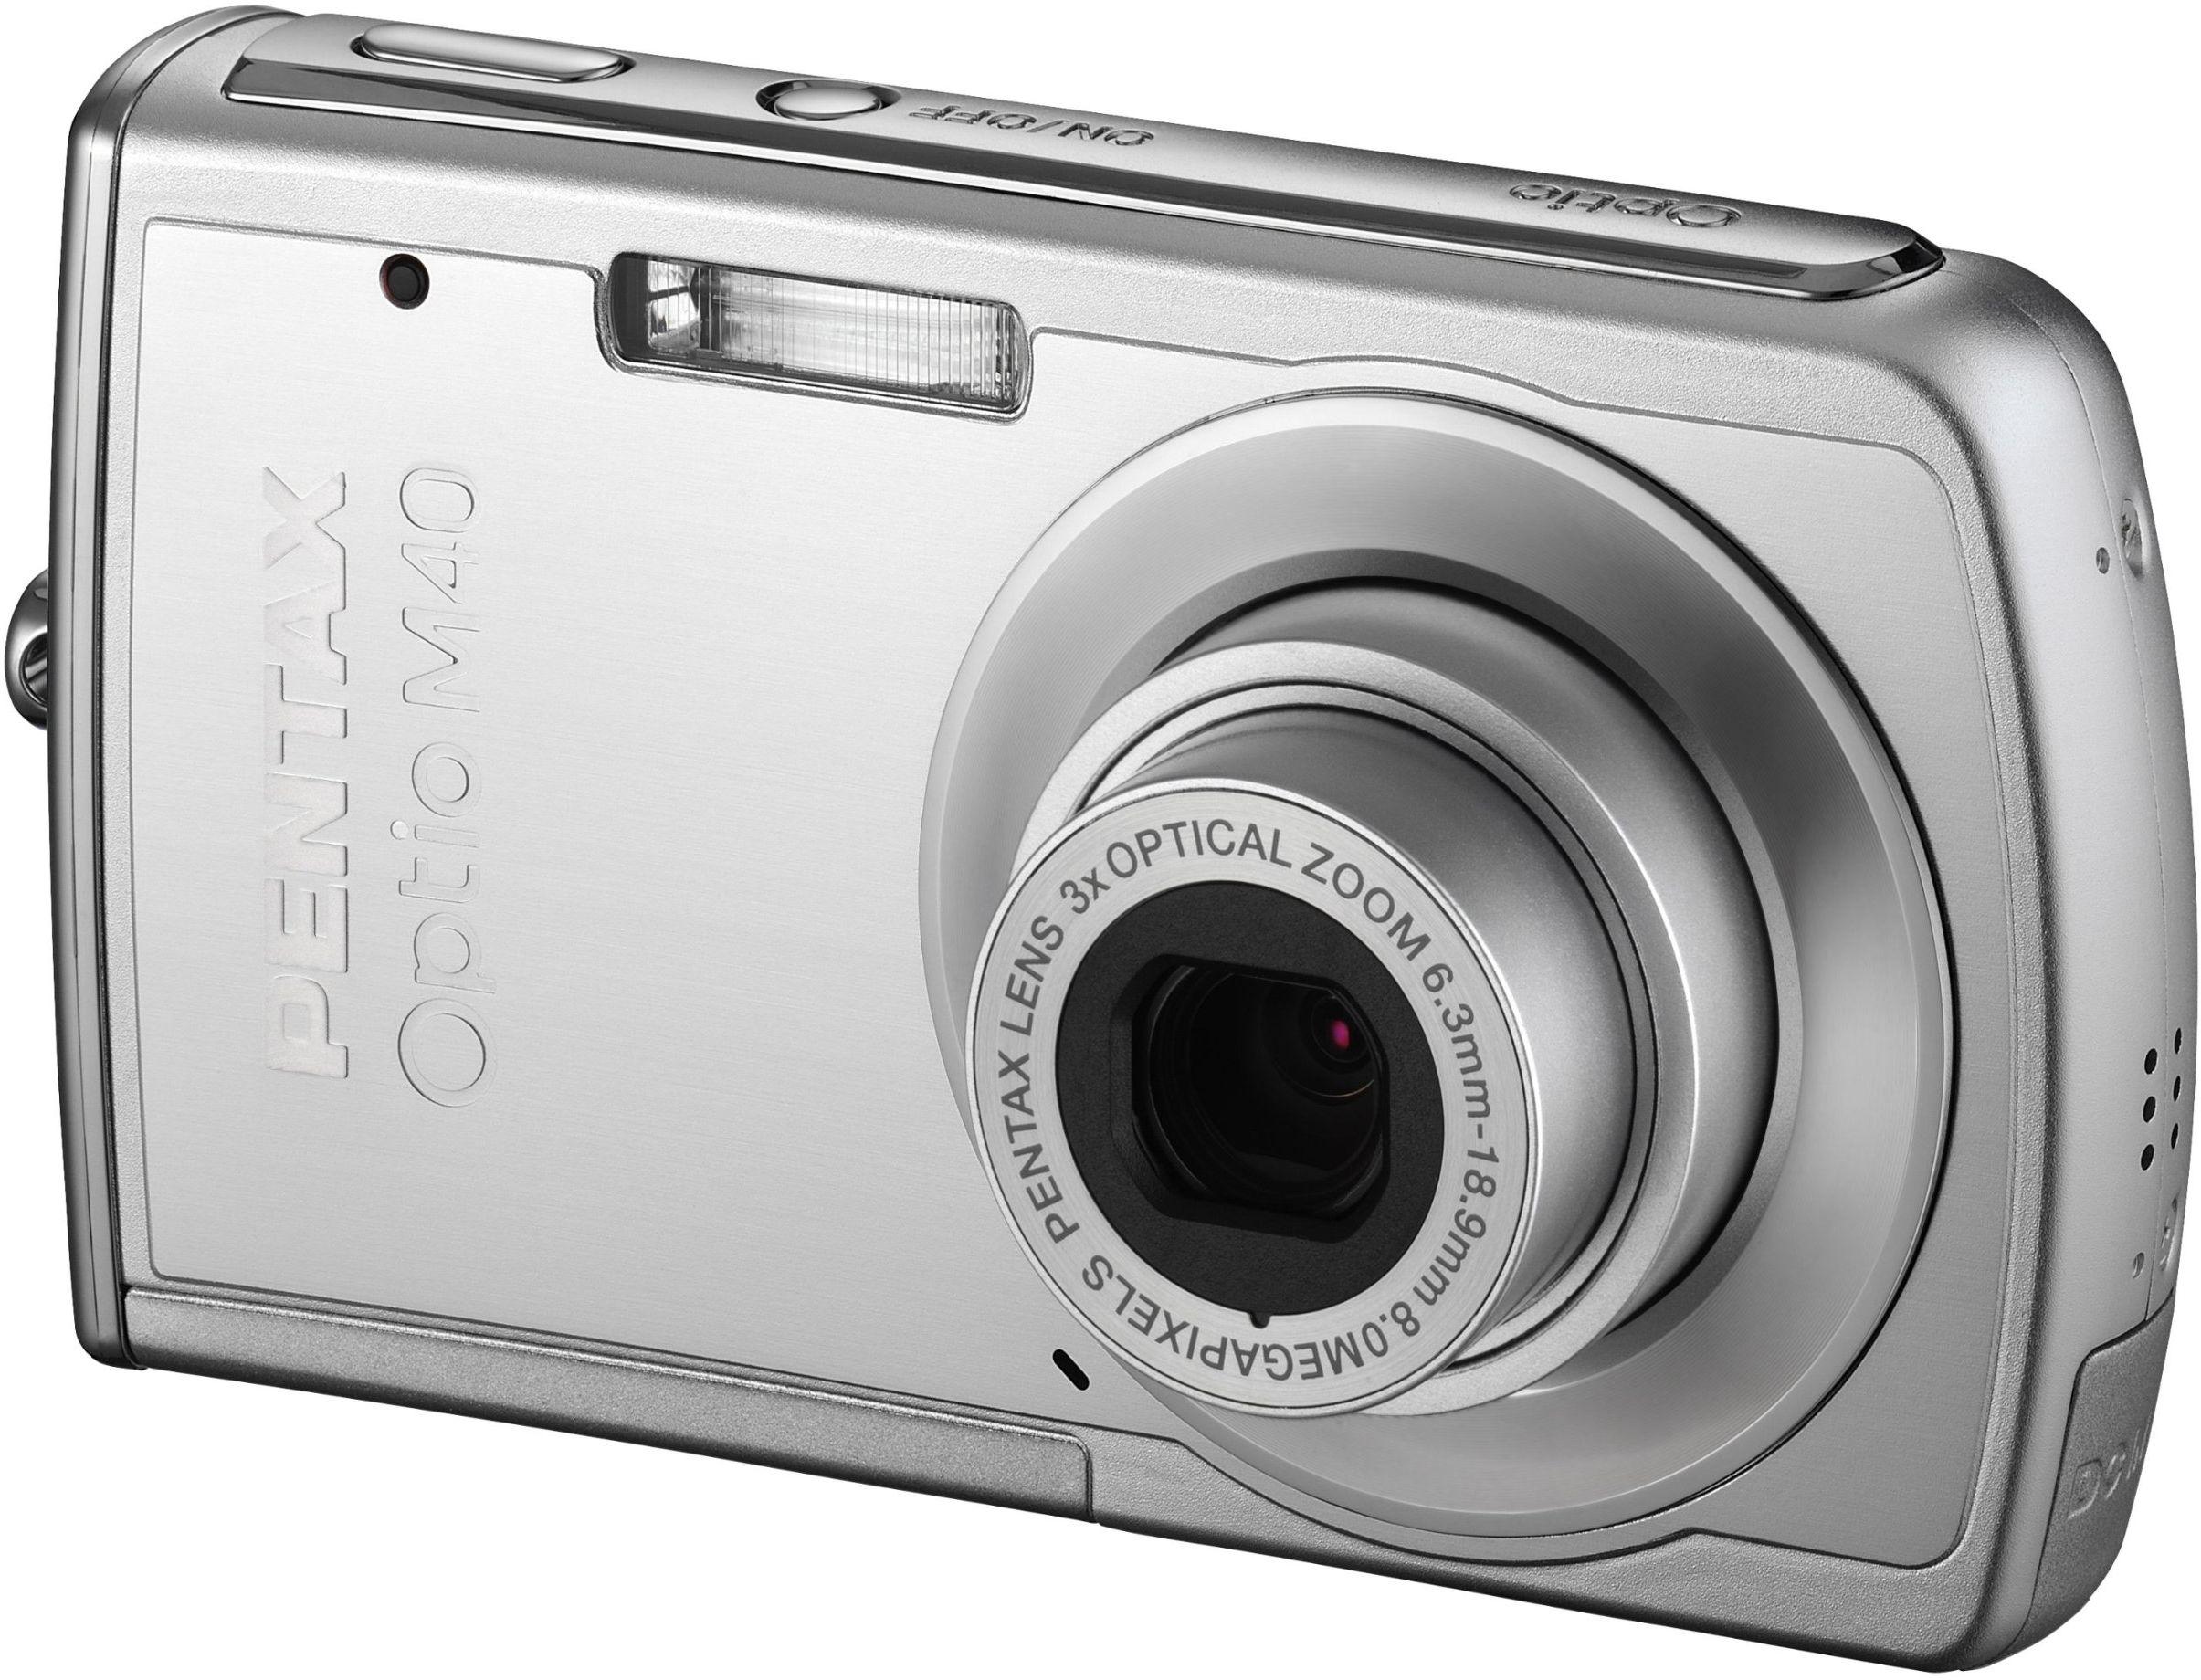 Pentax Optio M40 aparat cyfrowy (8 megapikseli, 3-krotny zoom, wyświetlacz o przekątnej 6,4 cm (2,5 cala) srebrny z torbą i kartą SD 1 GB